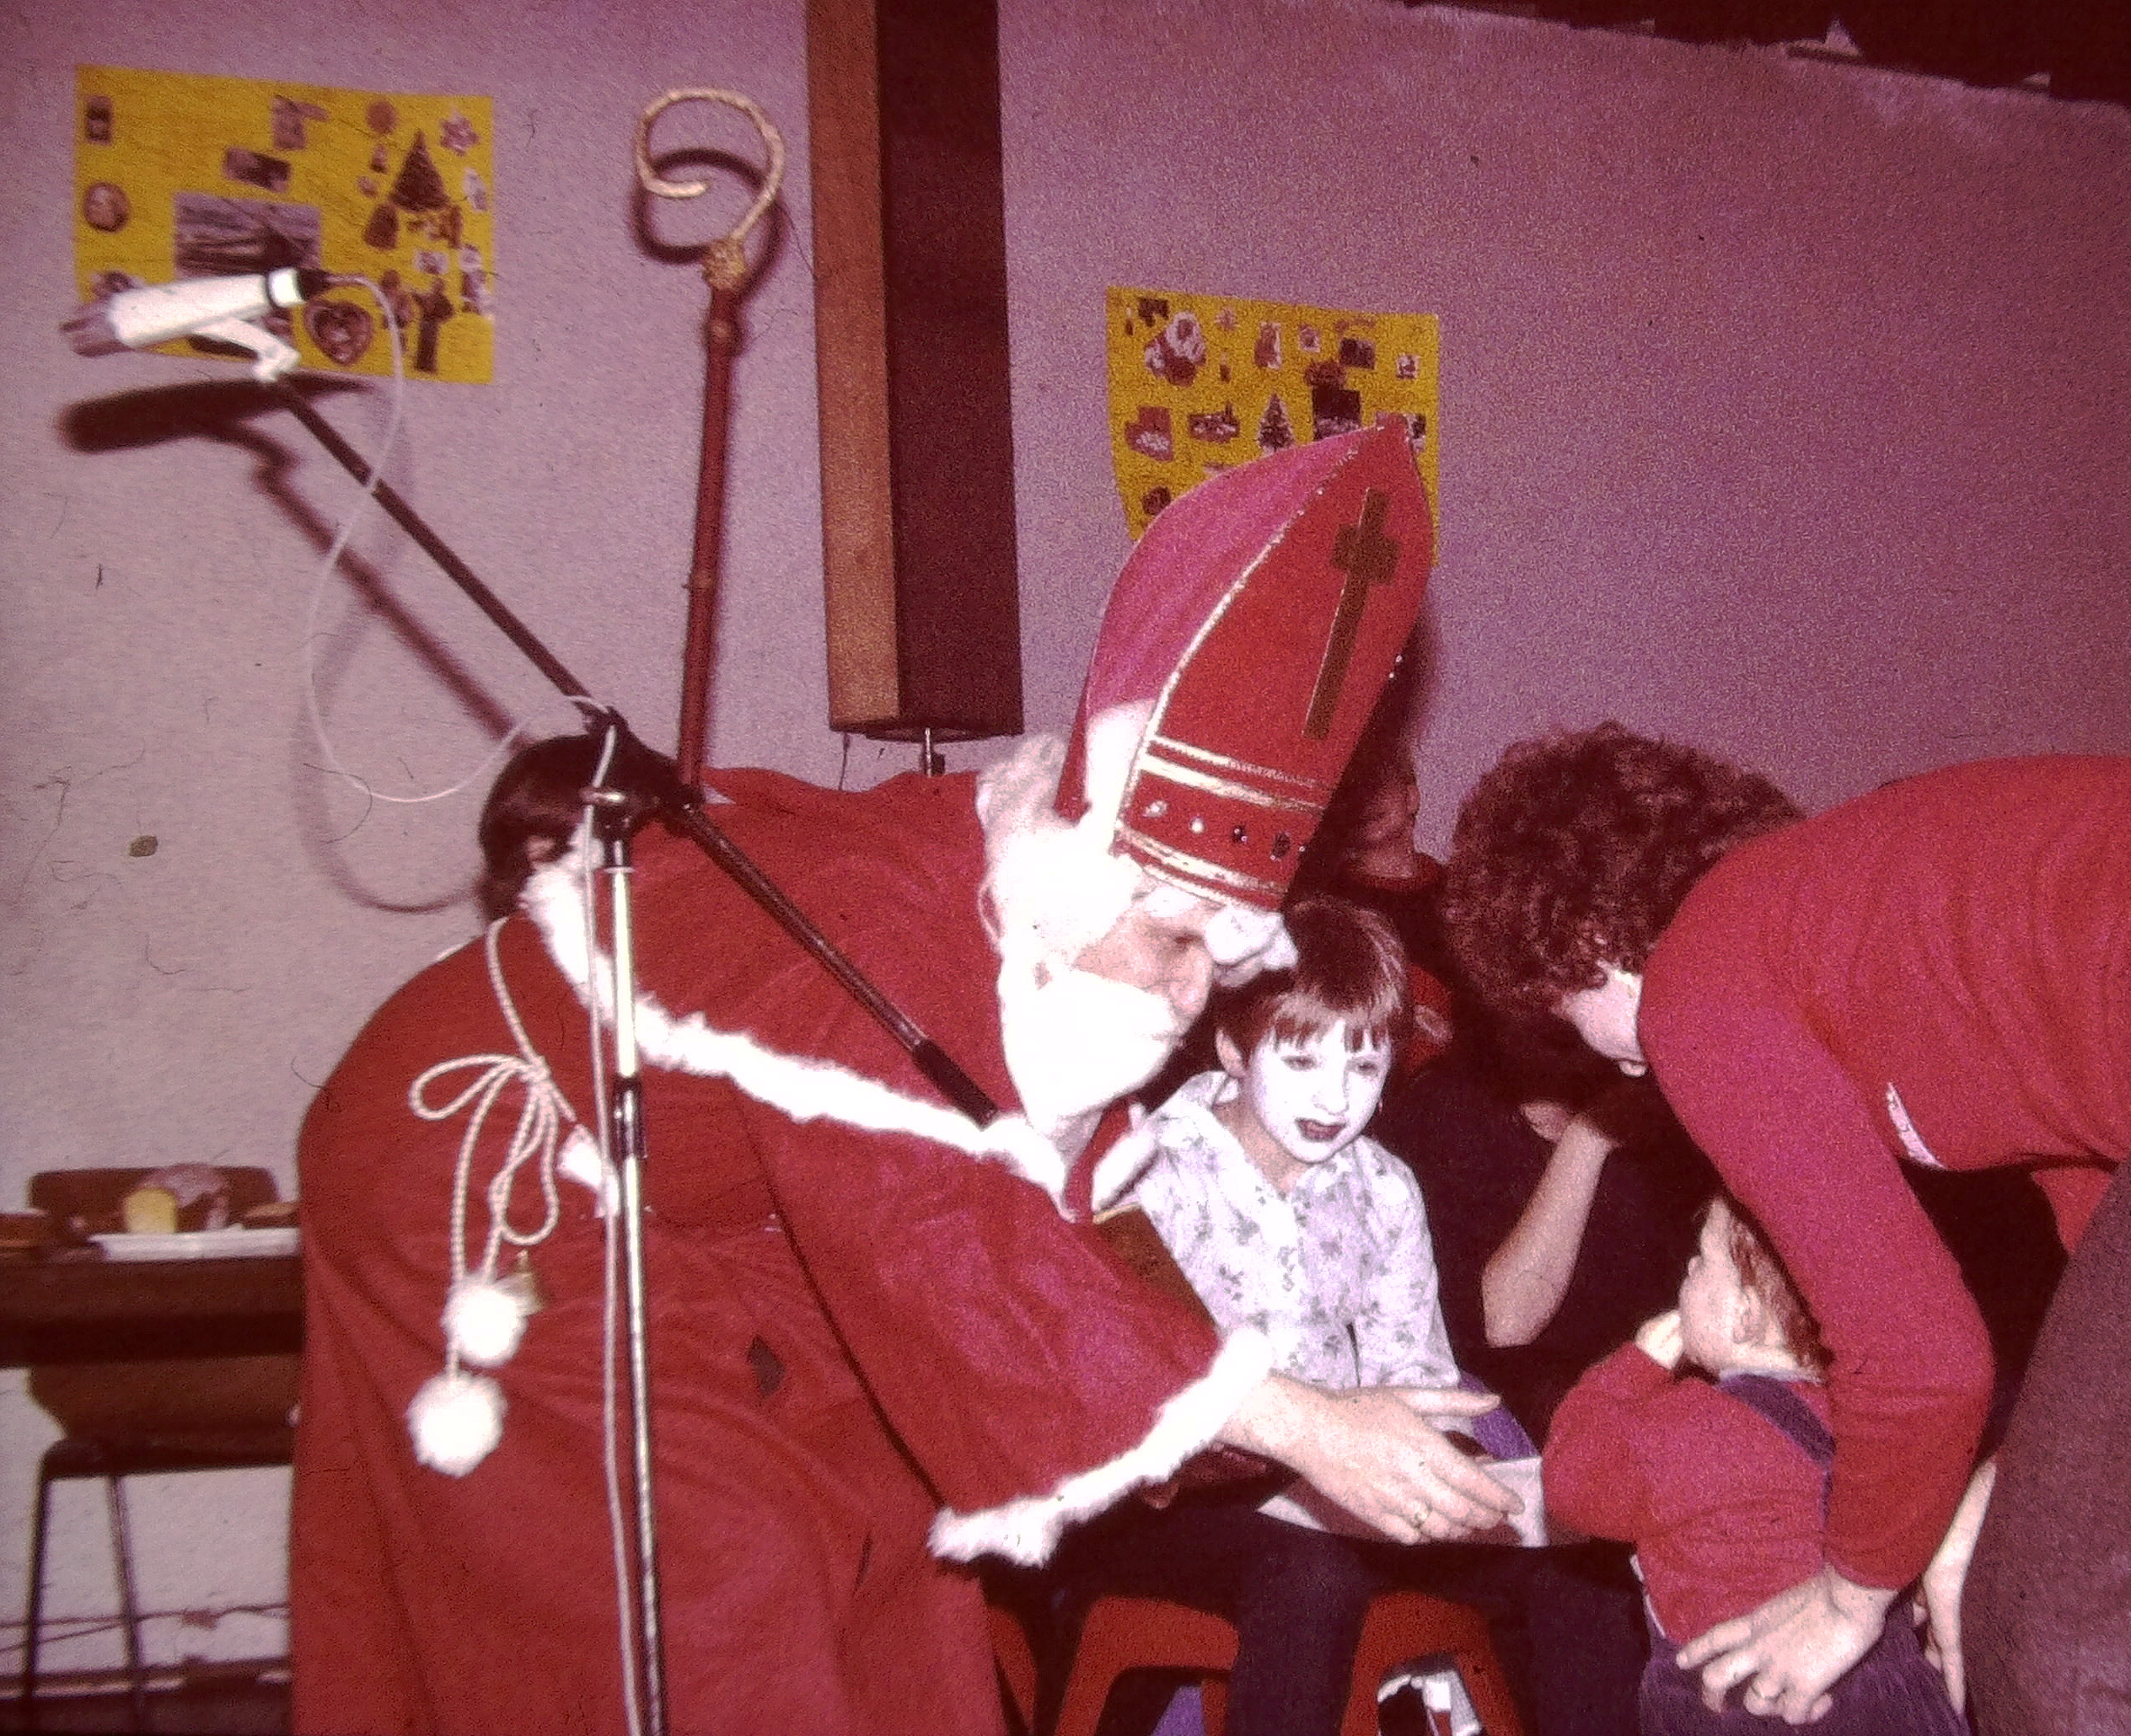 Bischof Nikolaus ist immer ein gern gesehener Gast in der Schule. Hier bei einer Weihnachtsfeier im Gymnastikraum in der Neuen Schule.